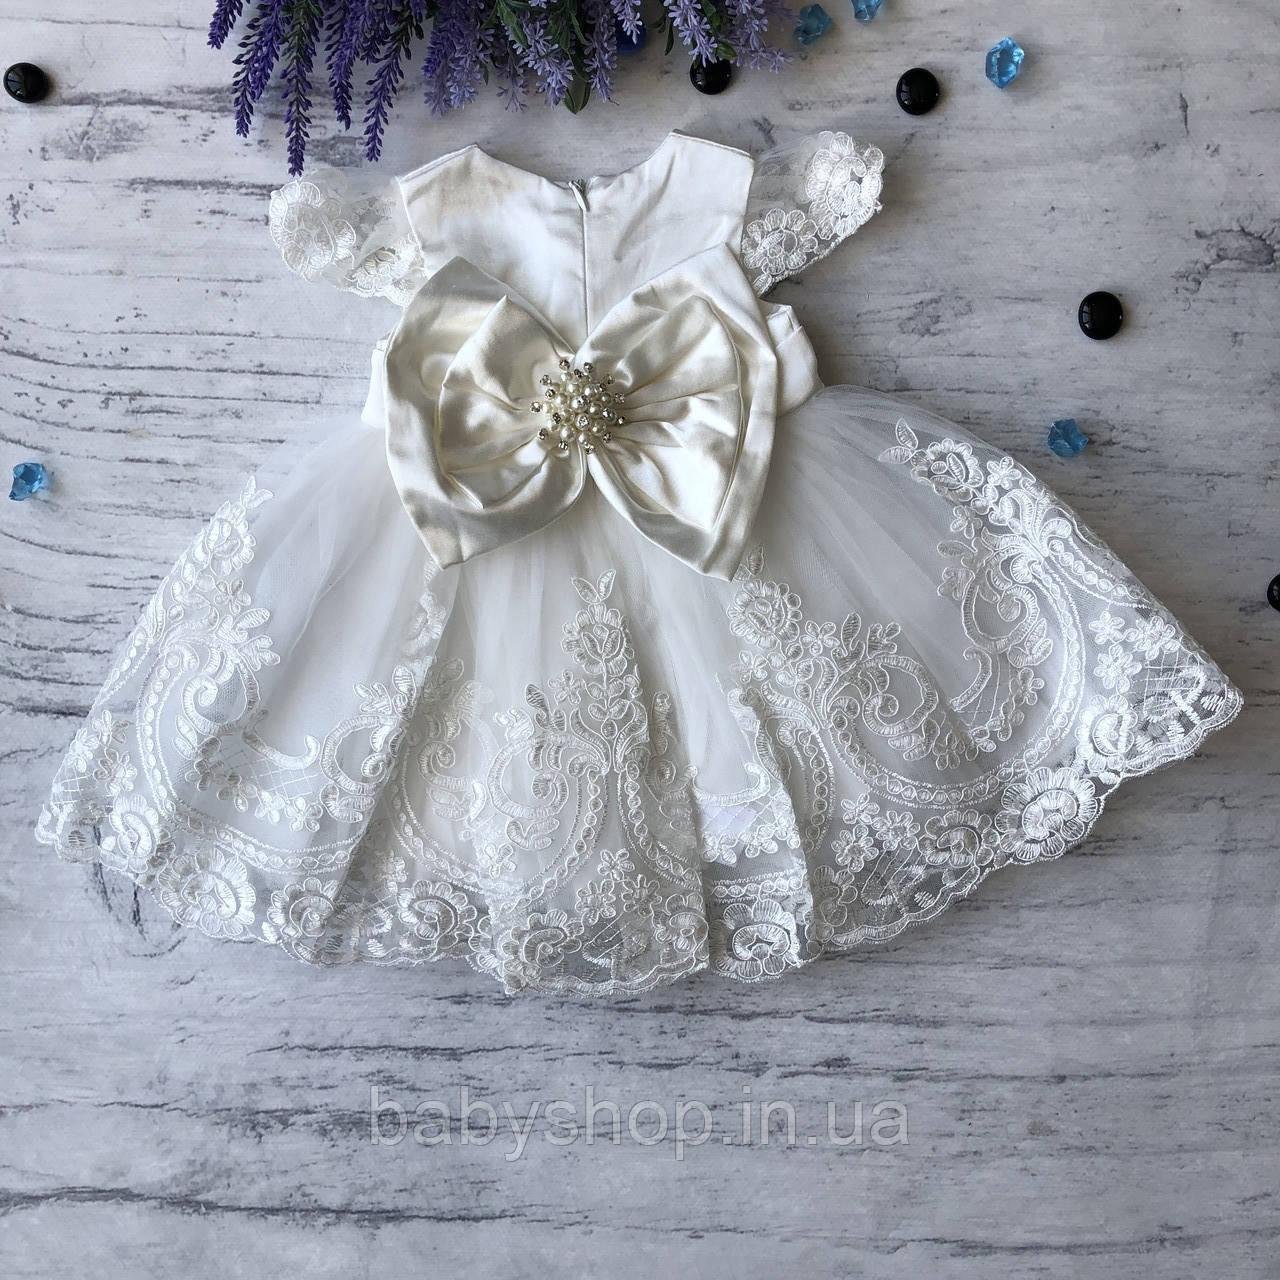 Нарядное белое платье с бантом на девочку на девочку 8. Размеры 3 мес, 9 мес